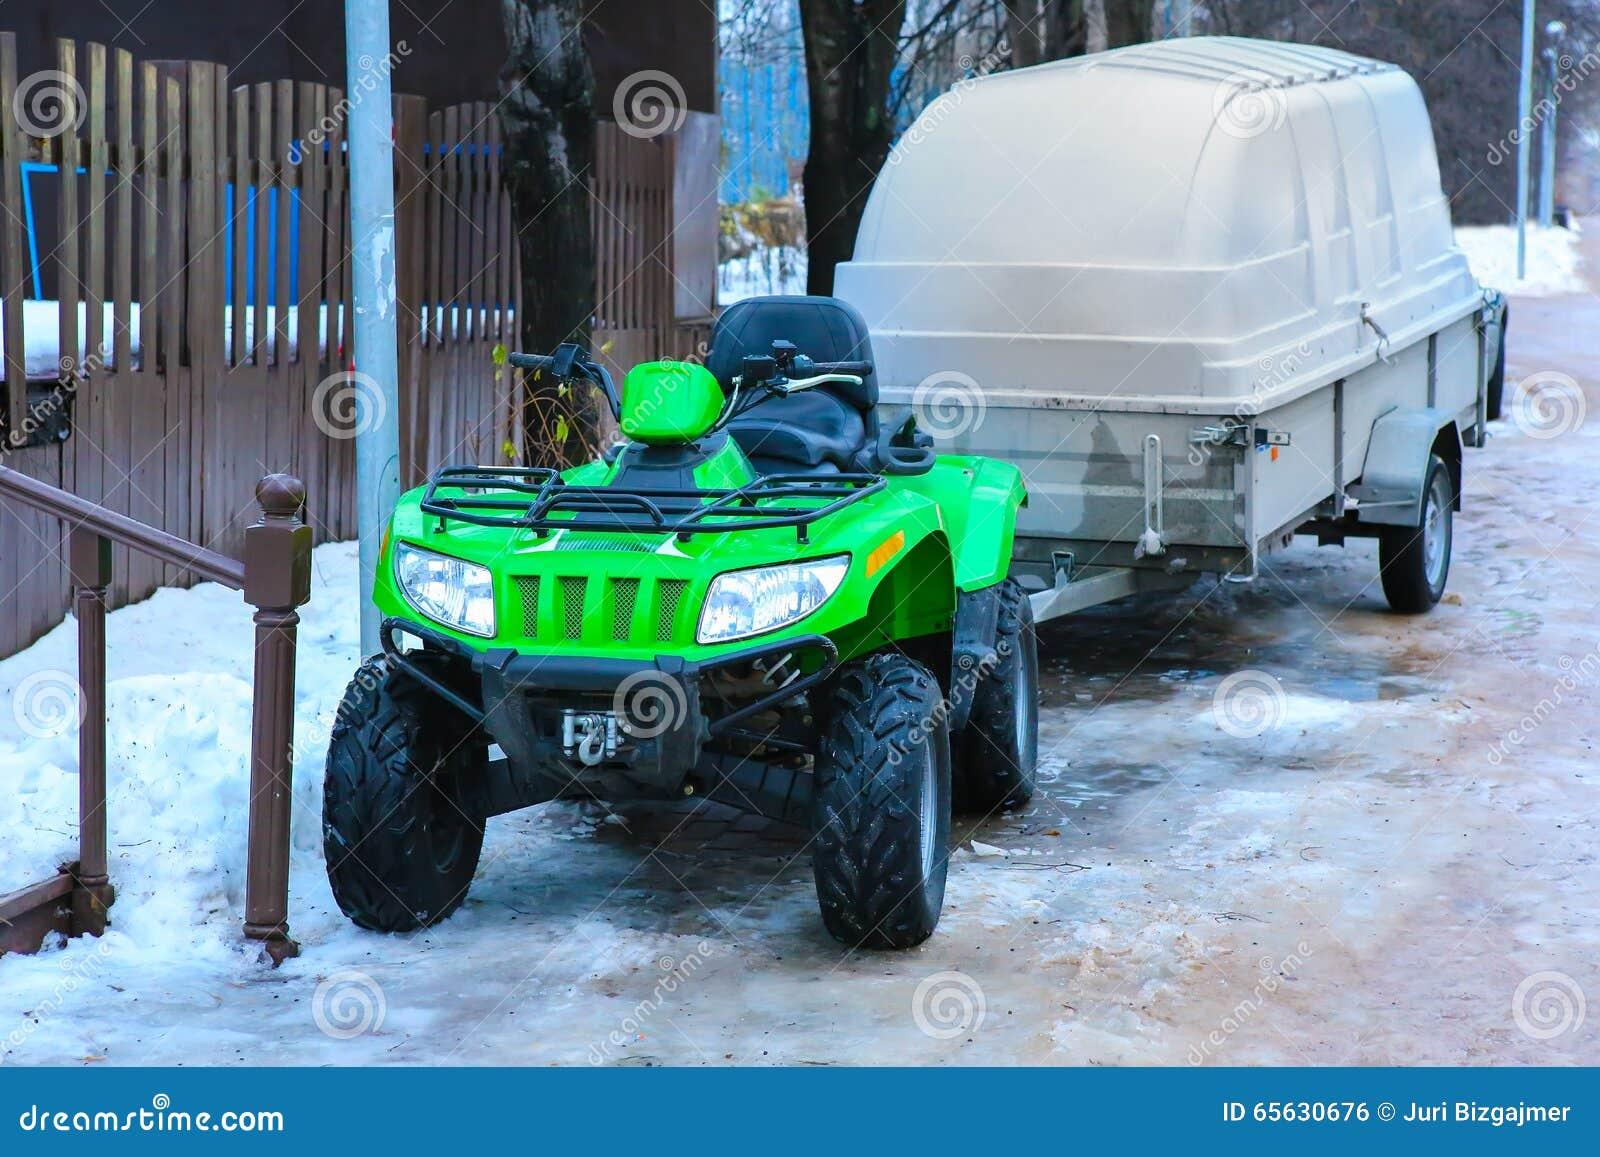 ATV avec la remorque en hiver